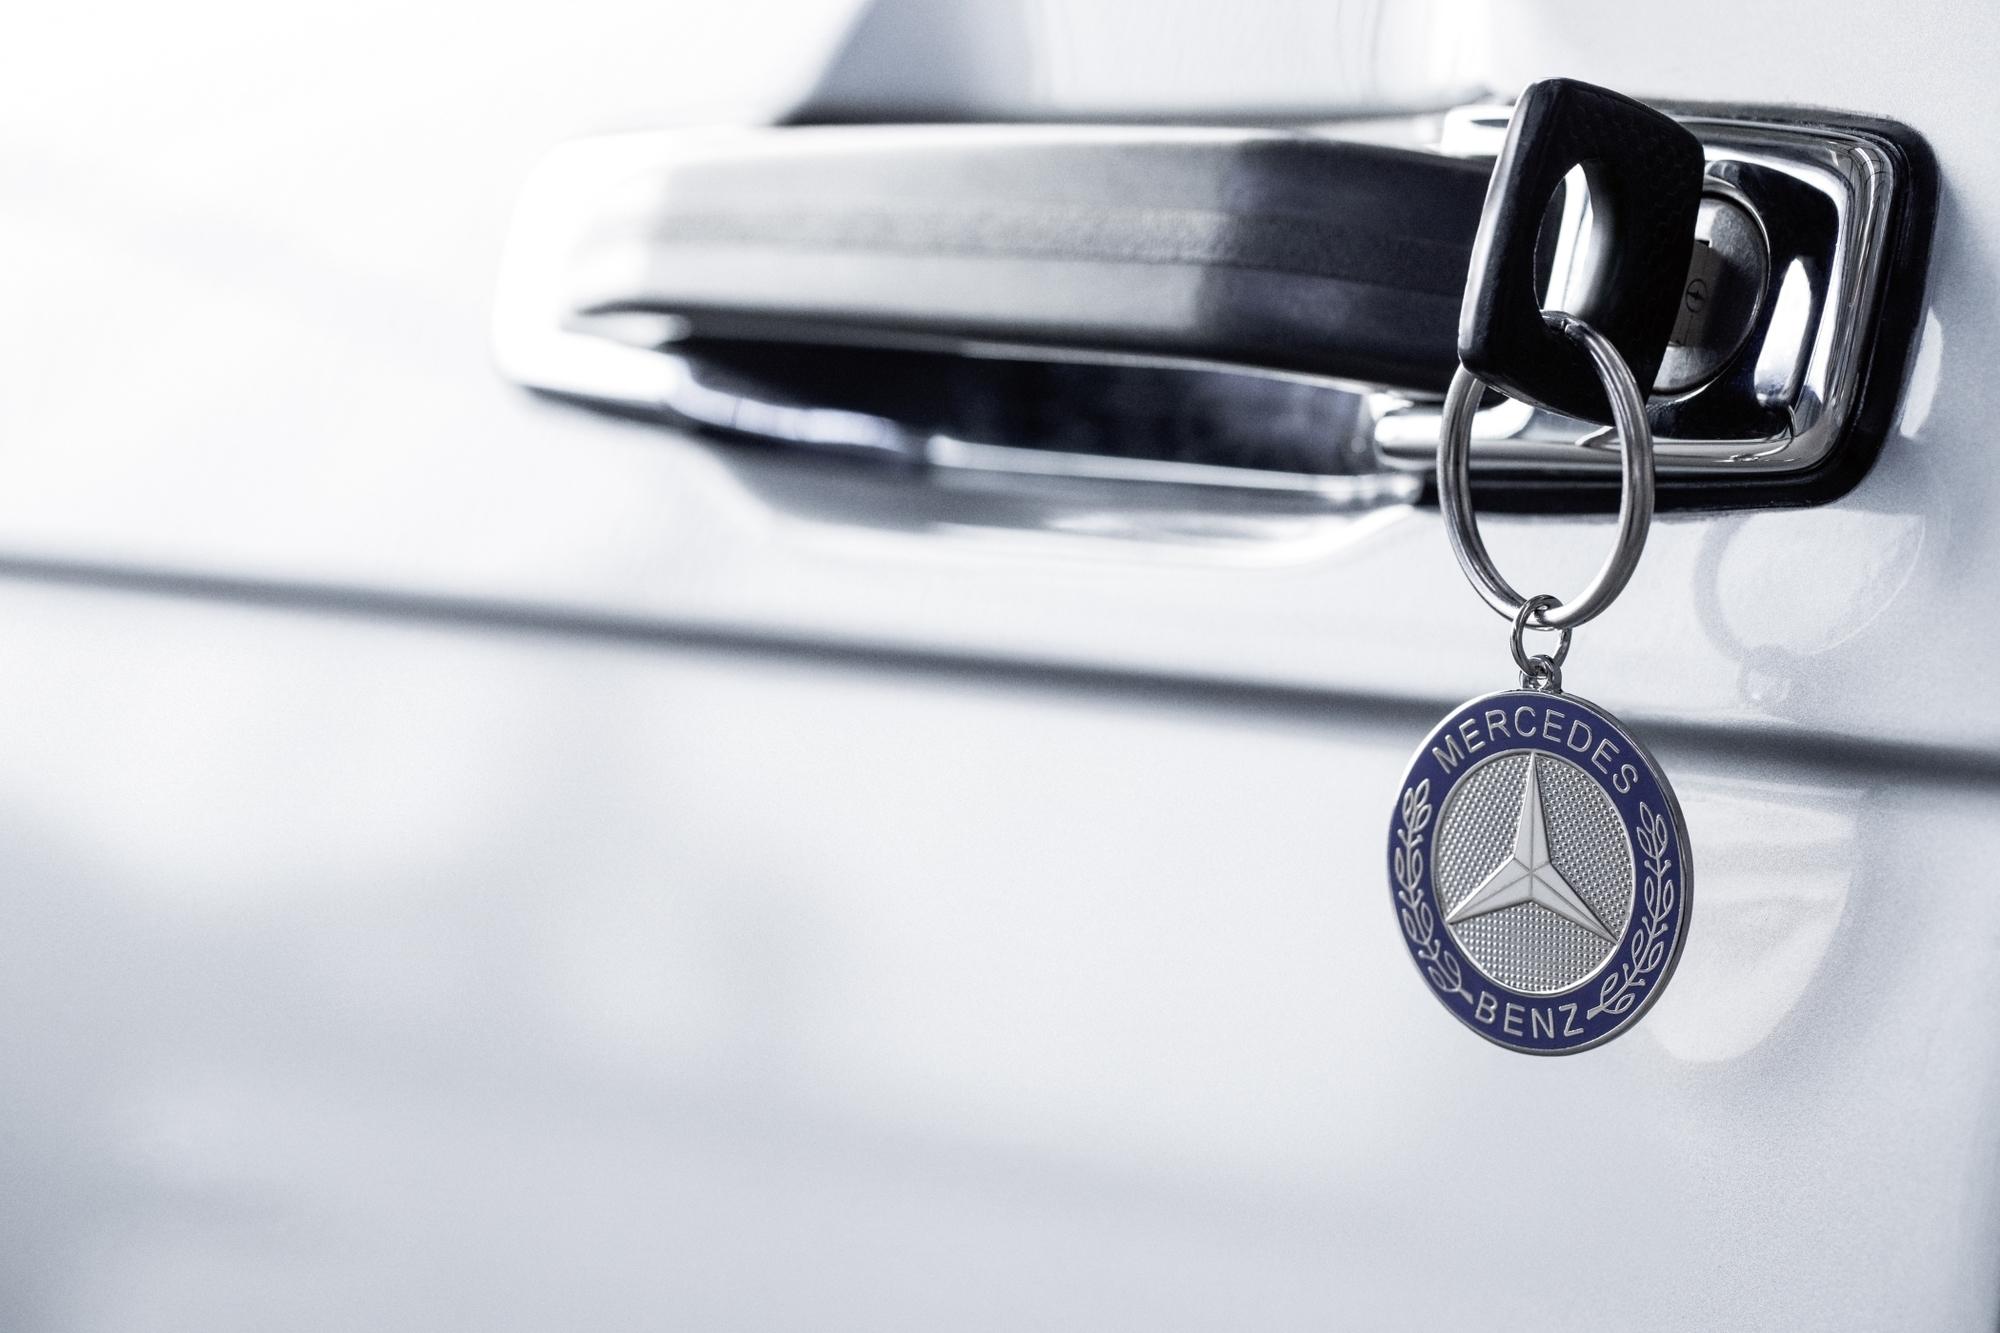 Sternzeichen beim Neuwagenkauf - Wer wieviel zahlt, steht in den Sternen